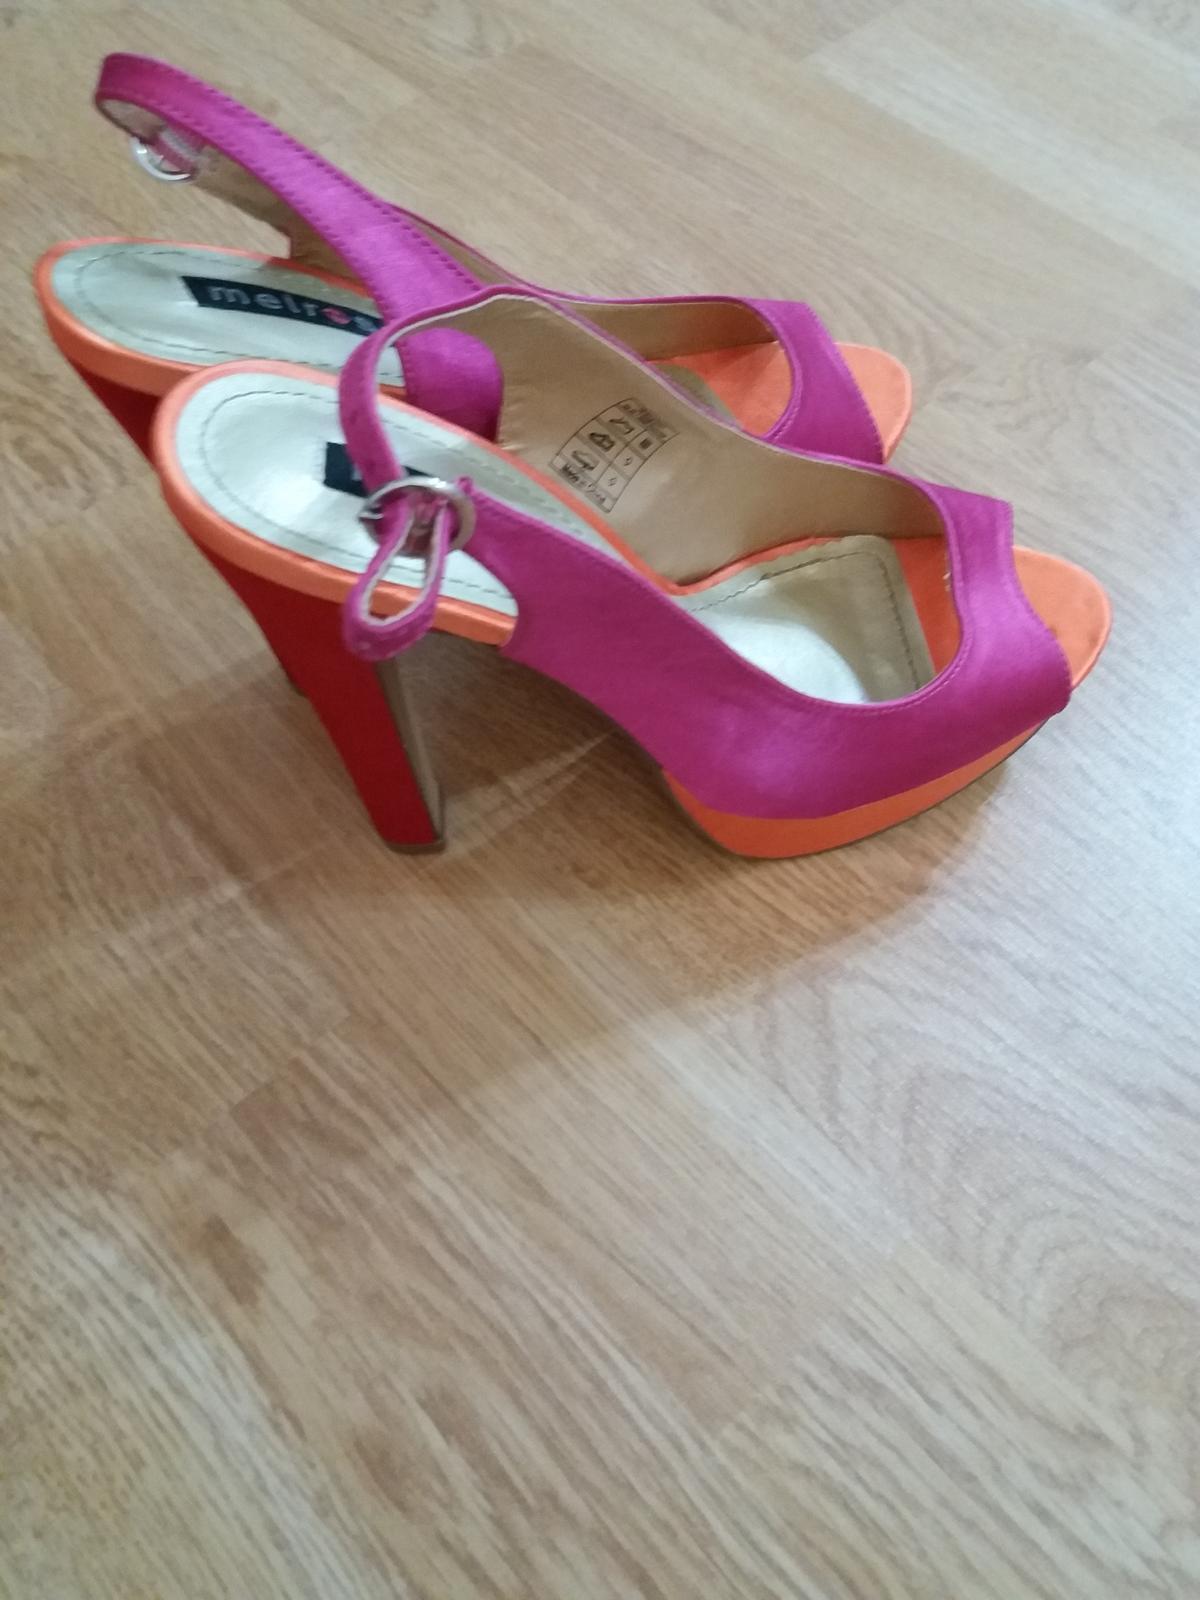 Společenské boty - jehly - Obrázek č. 1